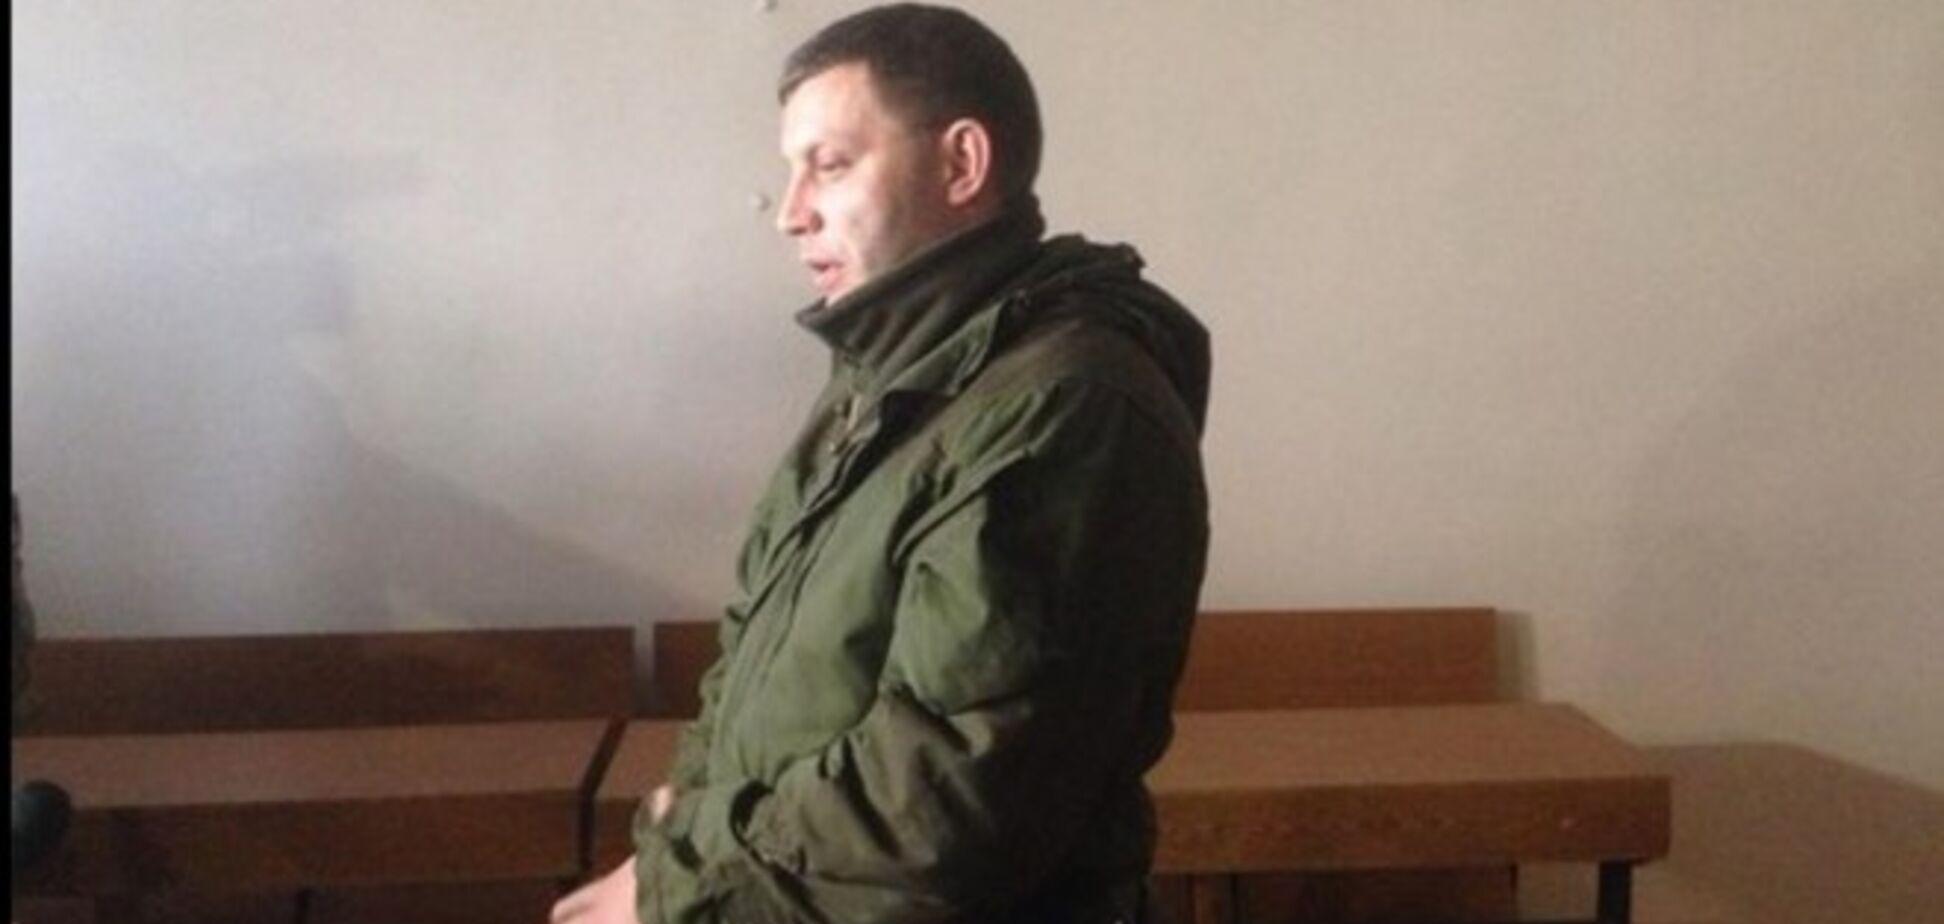 Захарченко заявил о намерении взять Славянск и Мариуполь, а потом дойти до границ Донецкой области